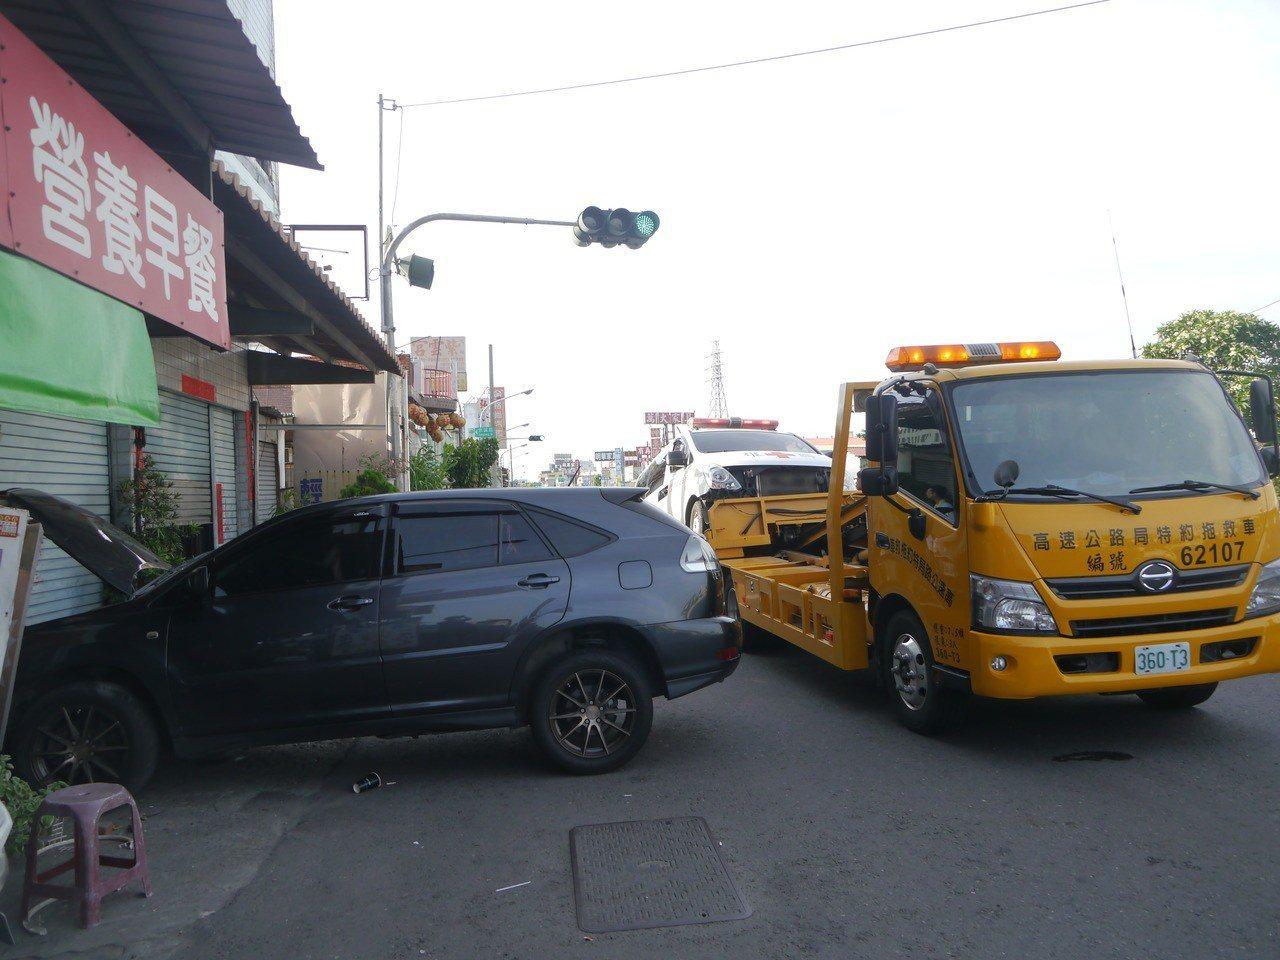 警方說,救護車與轎車駕駛人均未喝酒,此事故沒有人受傷。記者徐白櫻/攝影